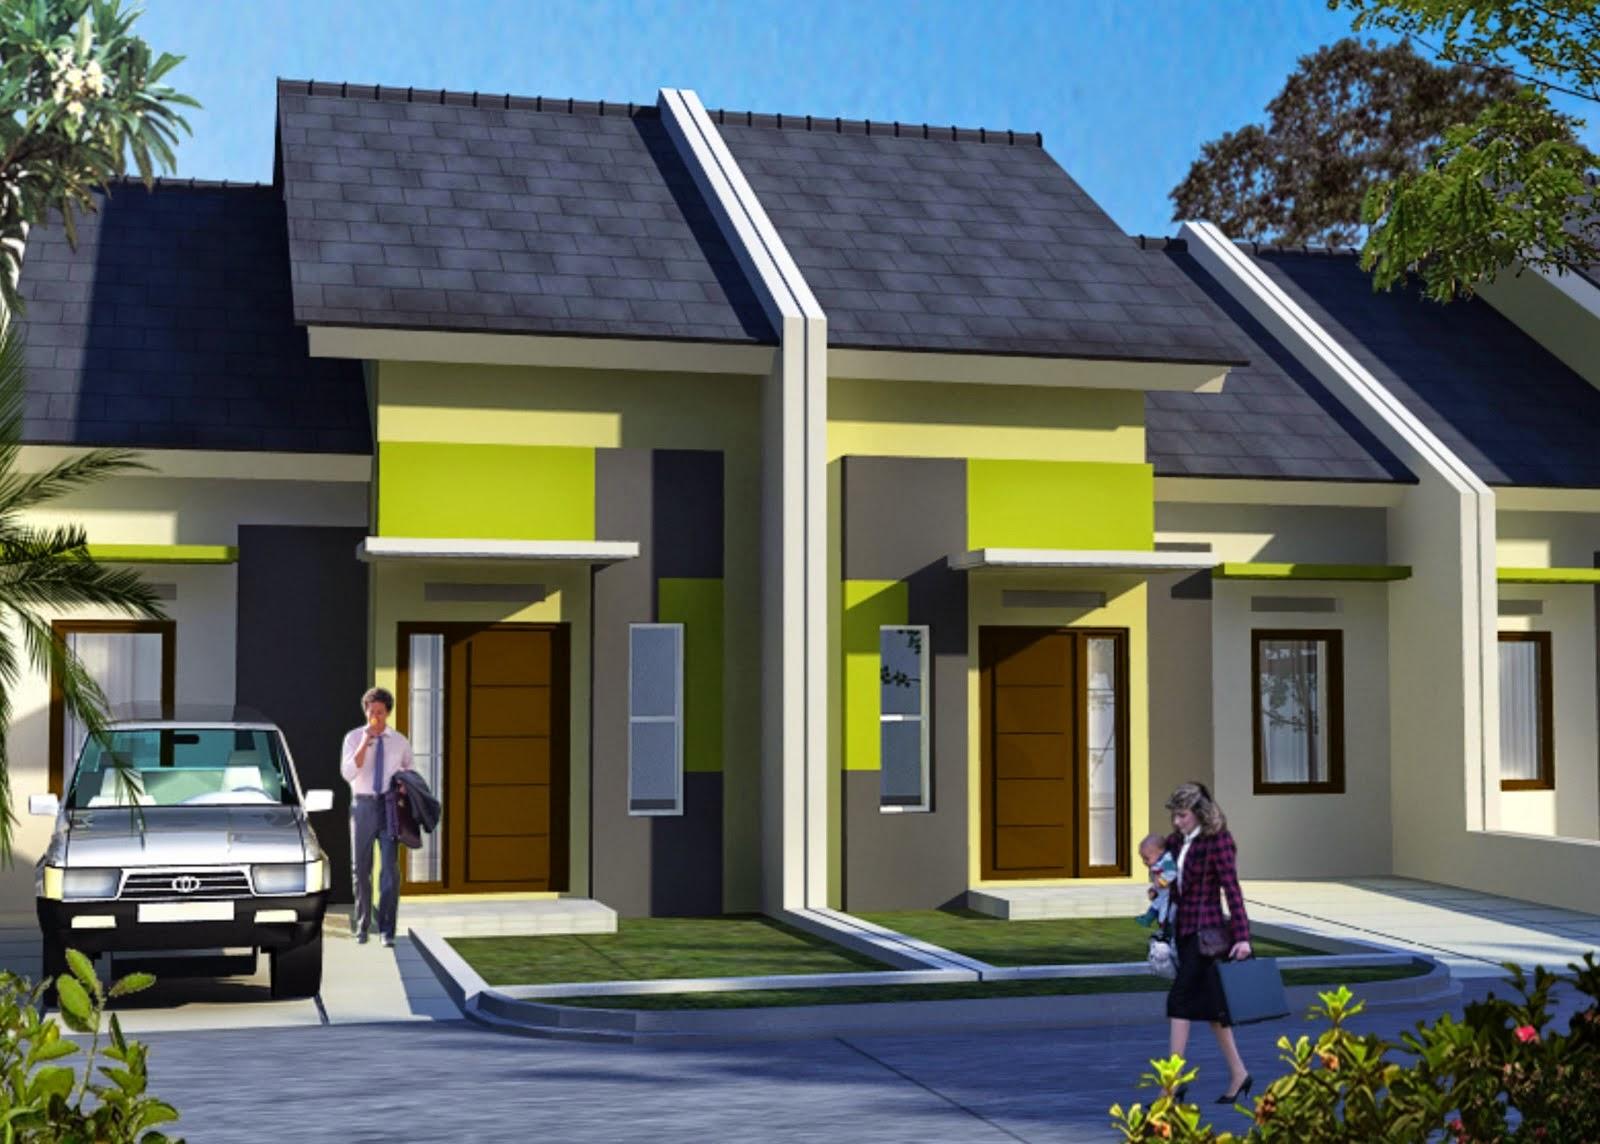 Berapa Ukuran Rumah Type 36 2 Lantai Dan Type 21 Yang Ideal Mau